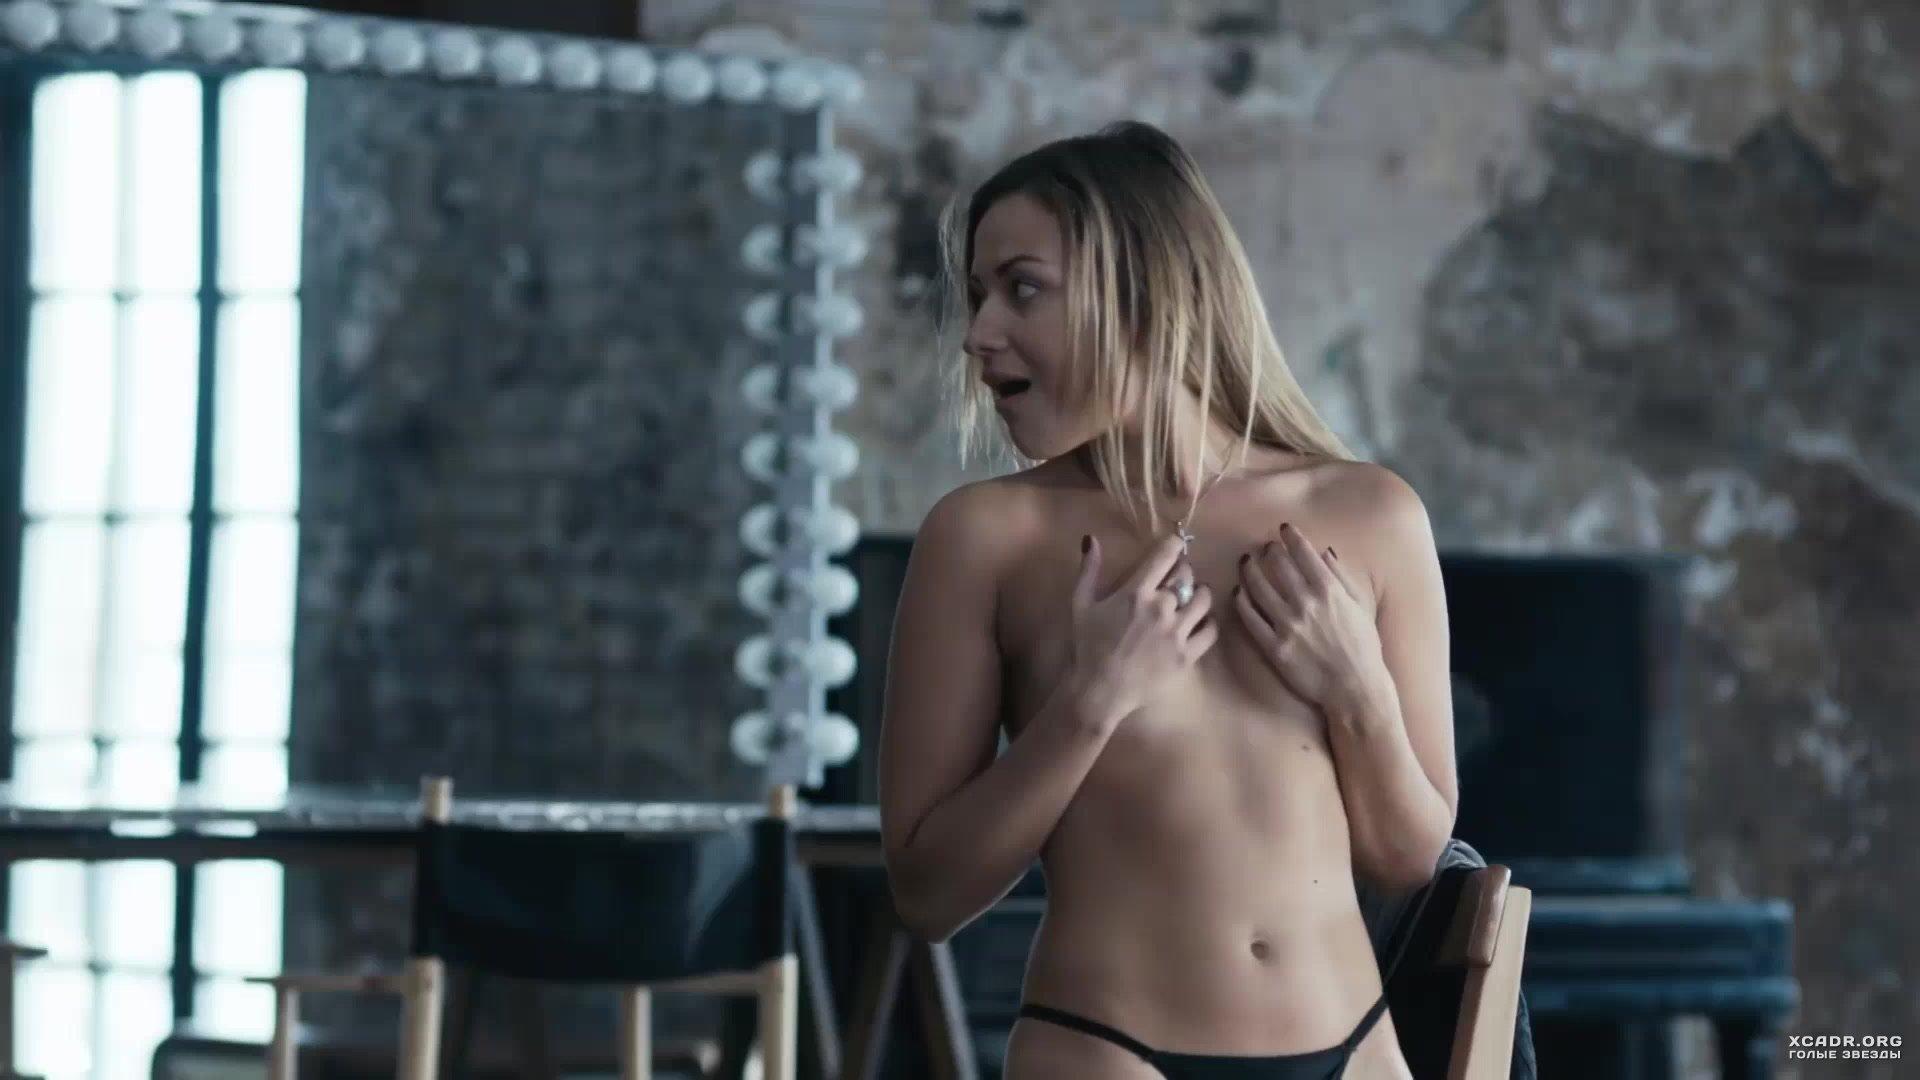 Российские обнаженные актрисы в клипах, обкатка девушек верхом видео